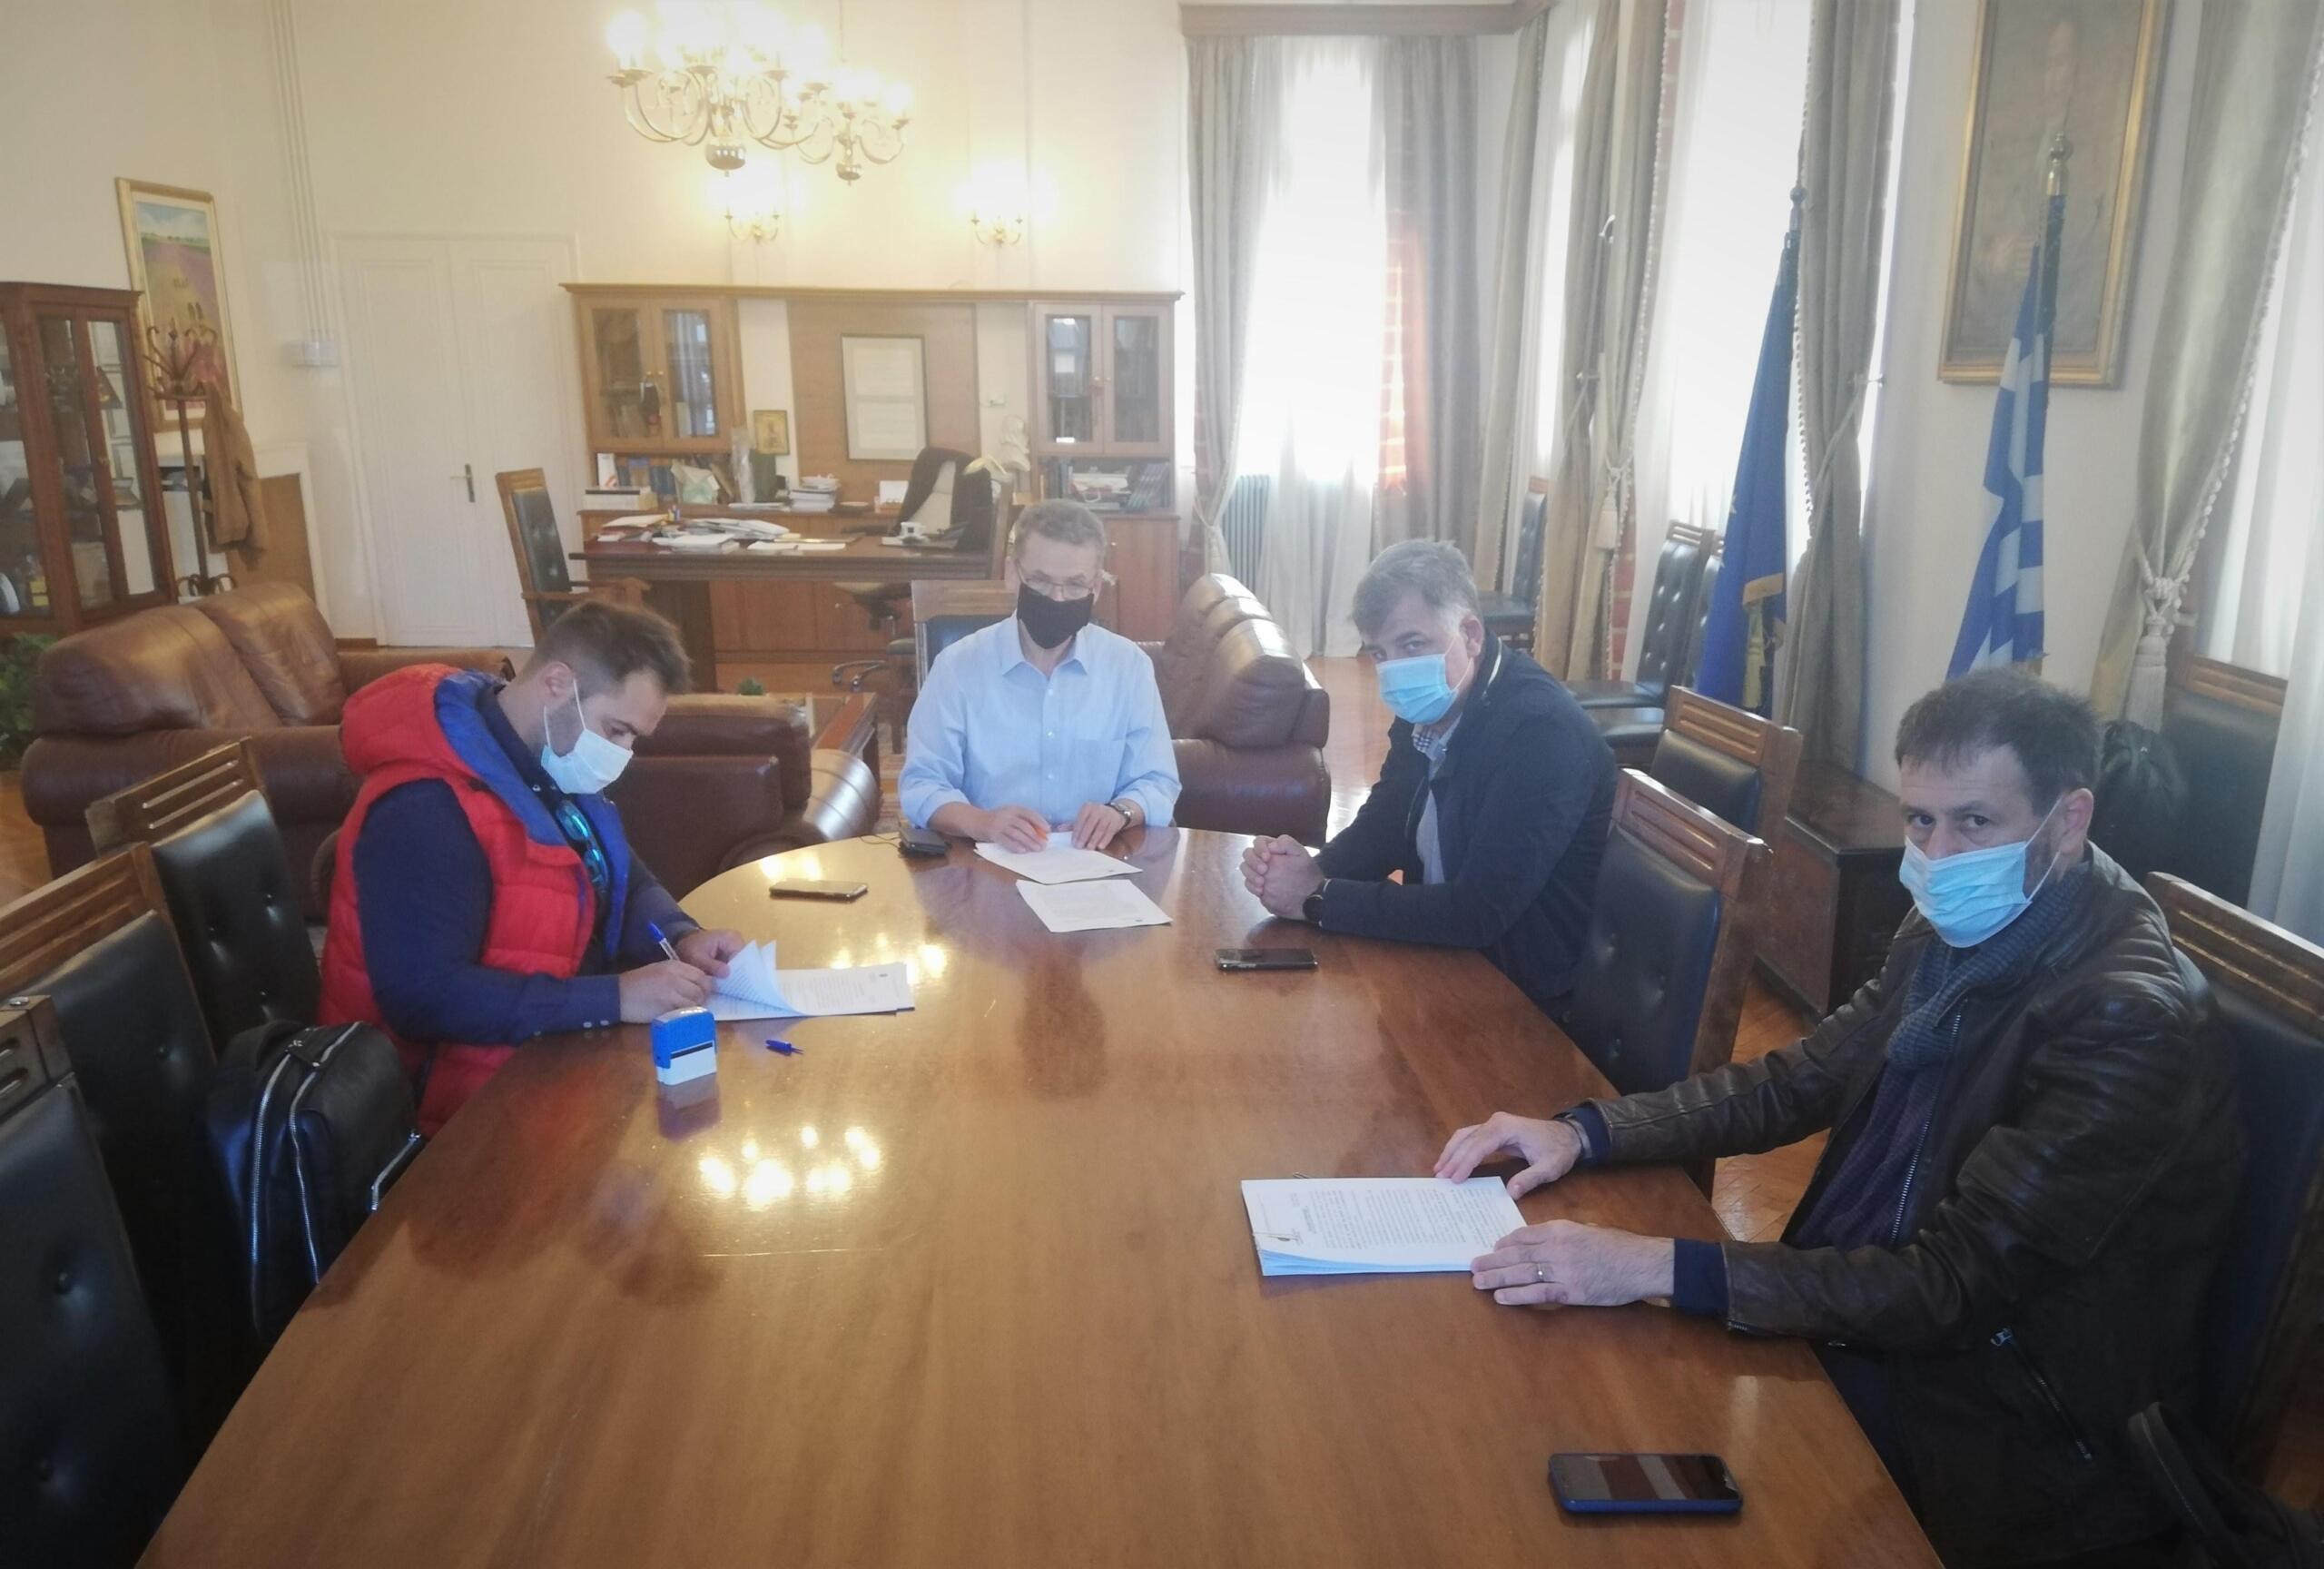 Θωρακίζονται τα πρώην λατομεία του Δήμου Κοζάνης